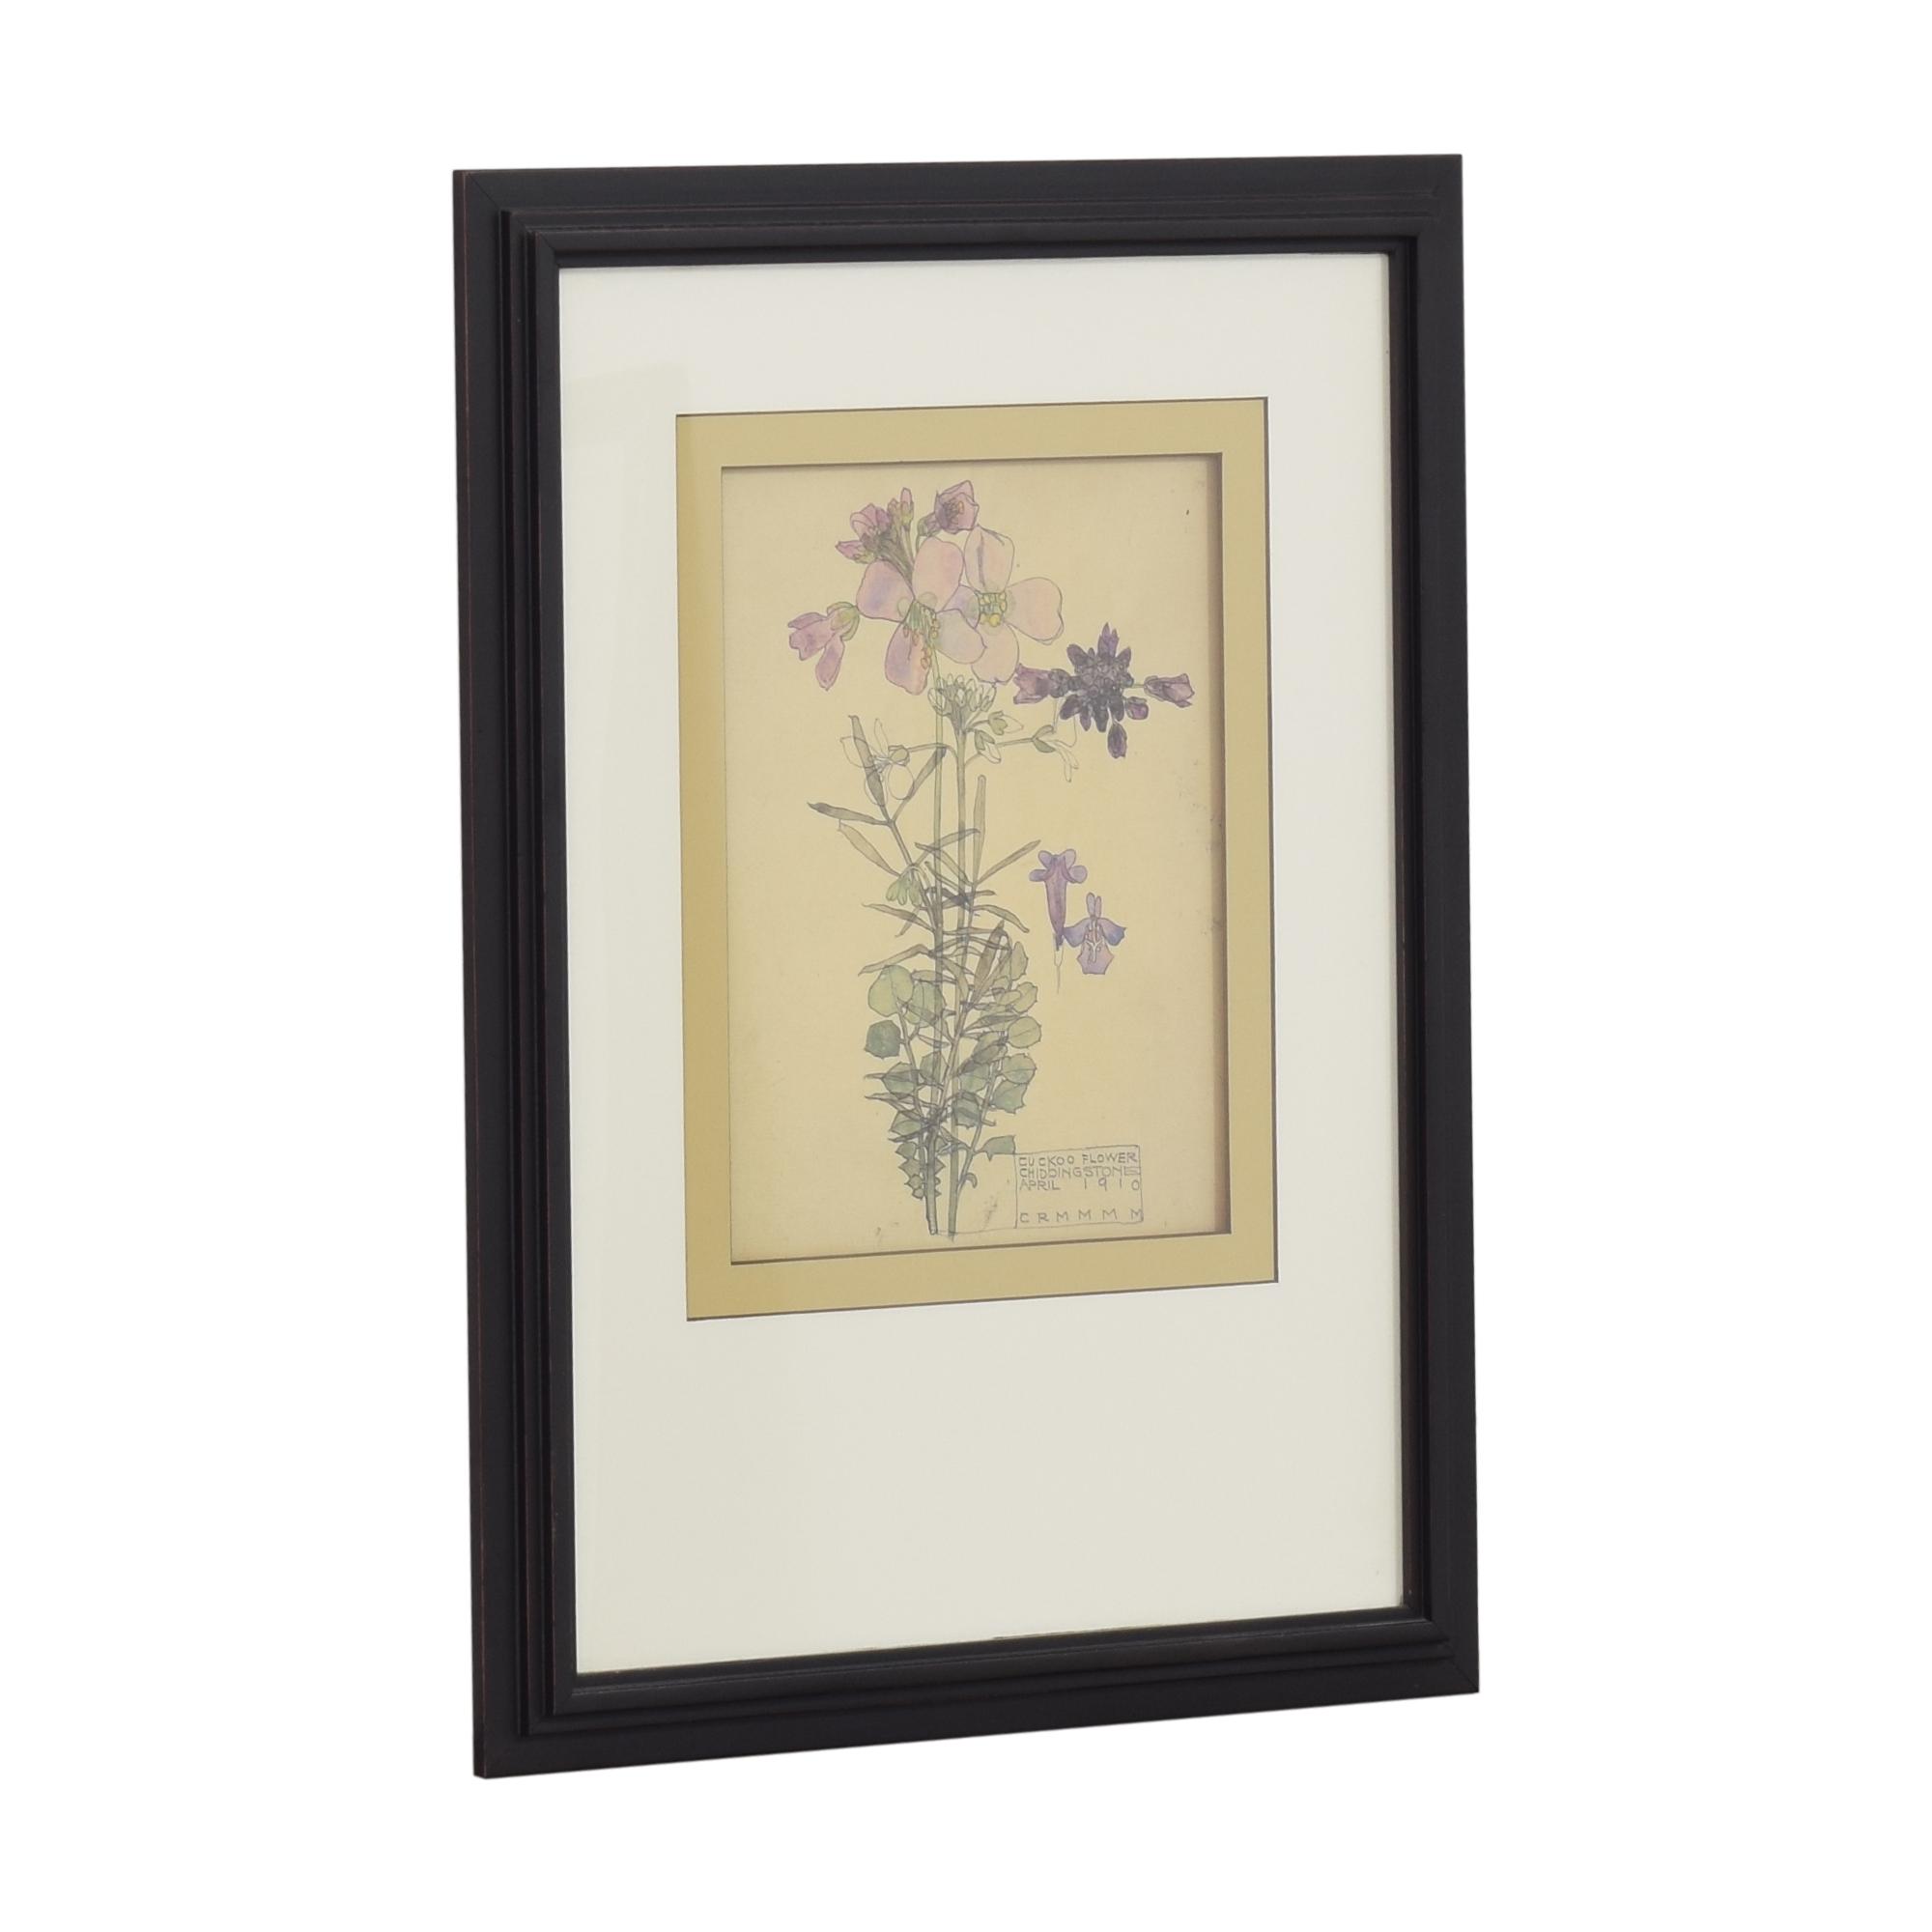 Ethan Allen Ethan Allen Cuckoo Flower Wall Art dimensions